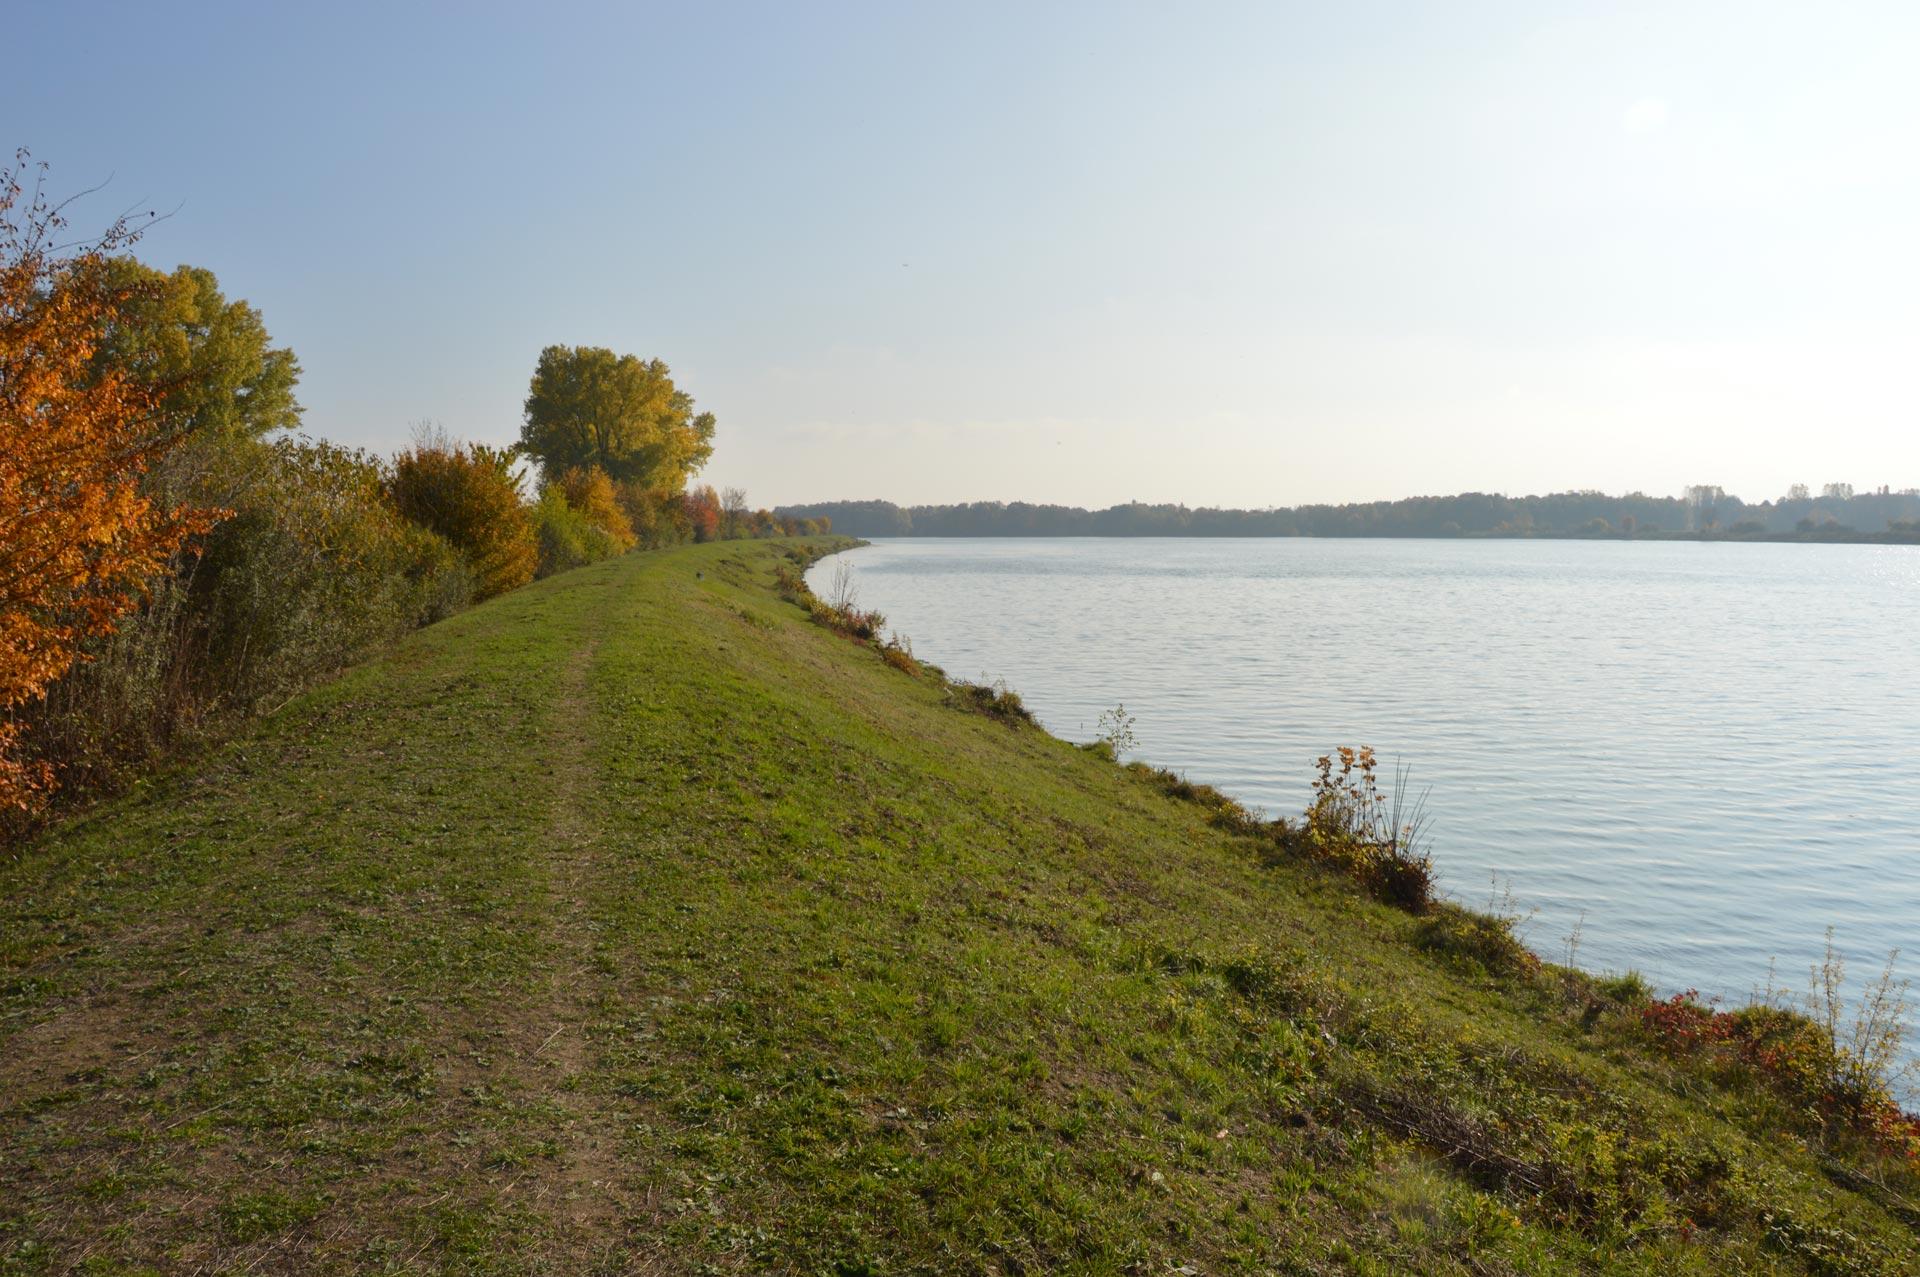 Wanderweg auf dem Damm entlang der Donau Höhe Donaustauf